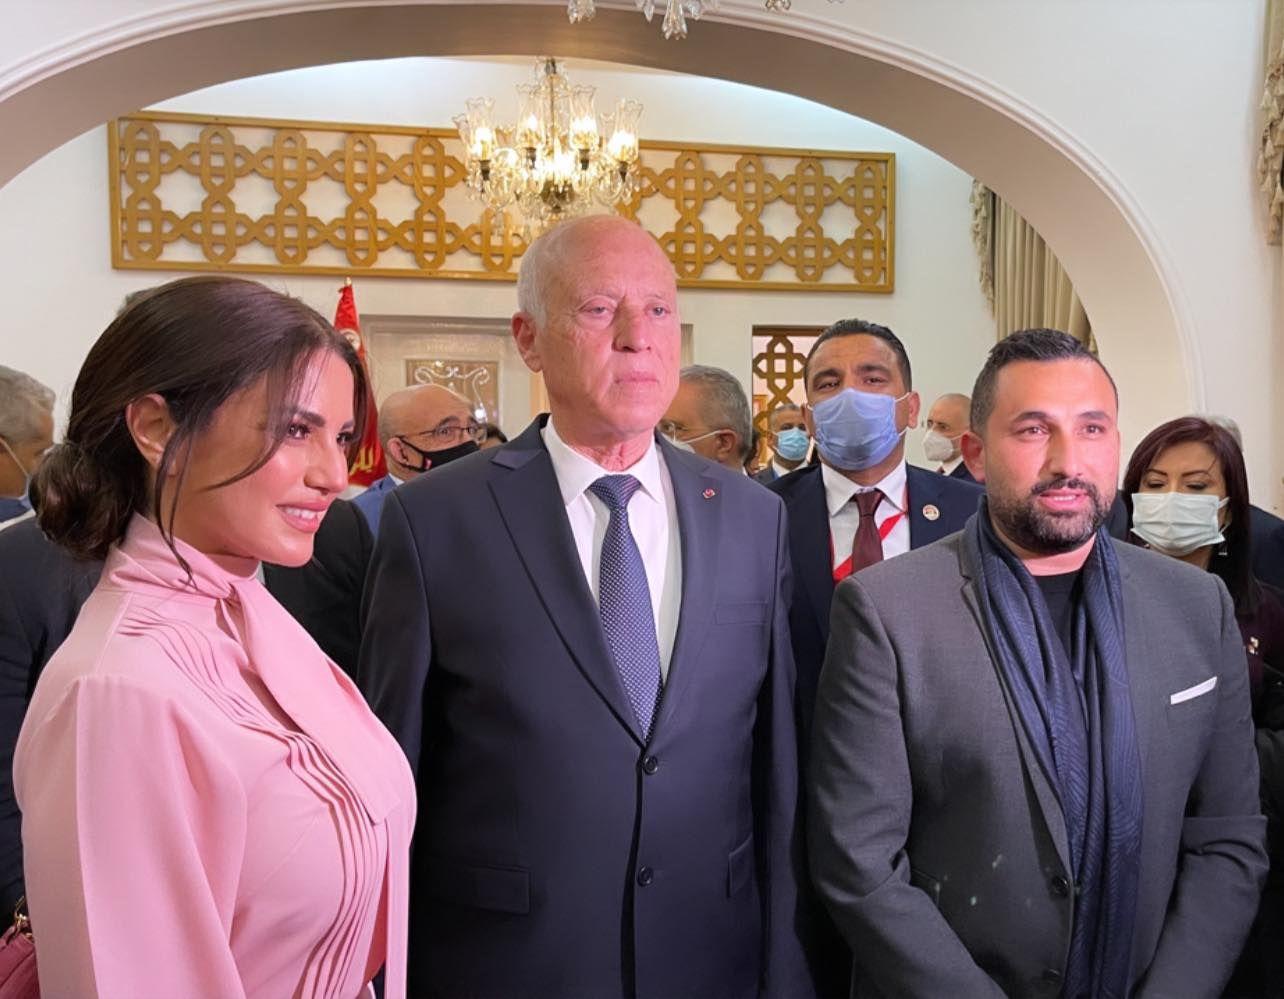 درة وزوجها مع الرئيس التونسي